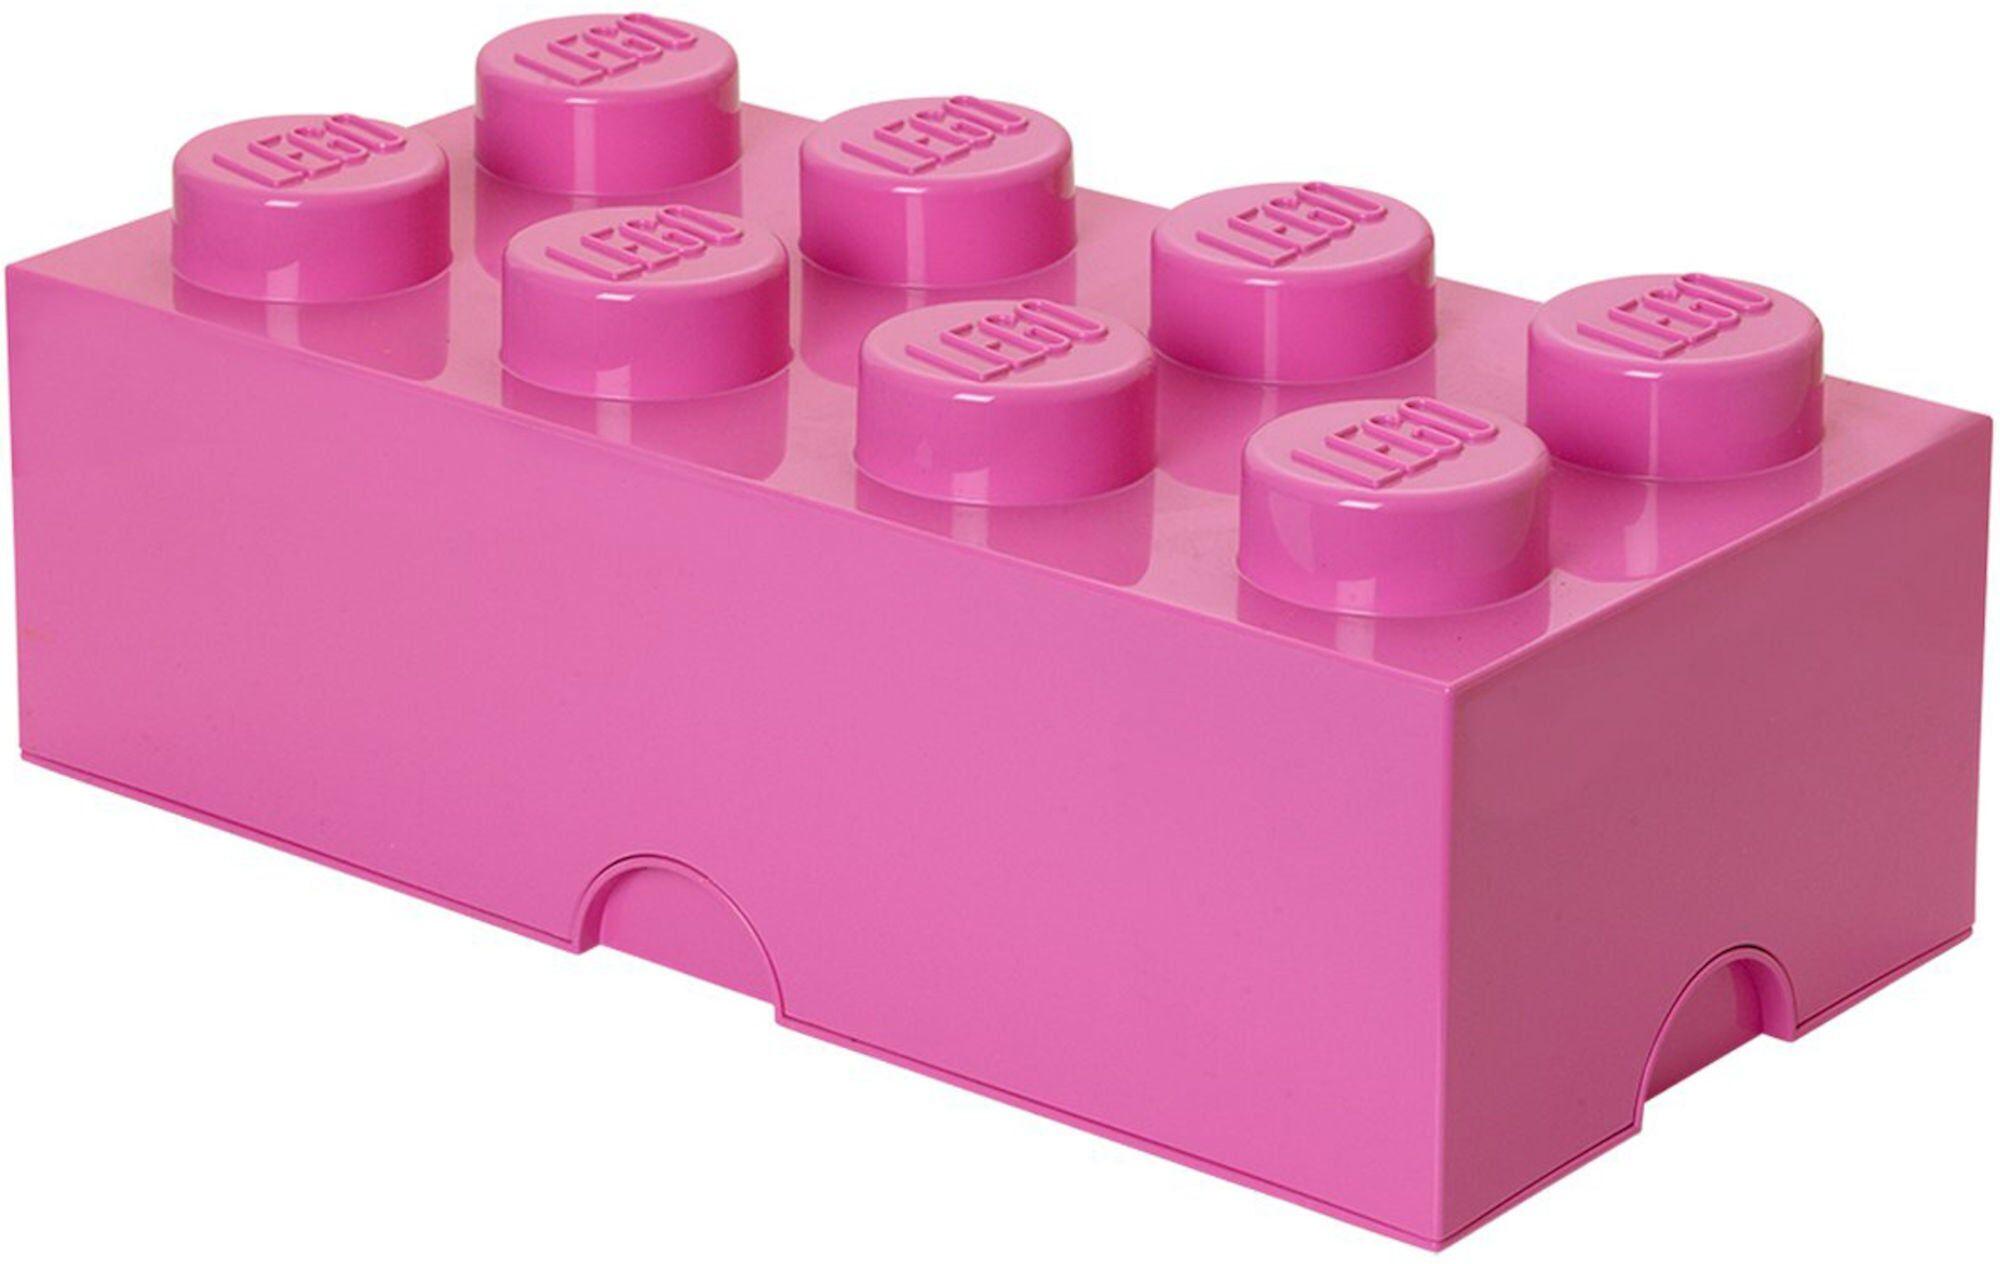 Lego Oppbevaring 8 Mellomrosa